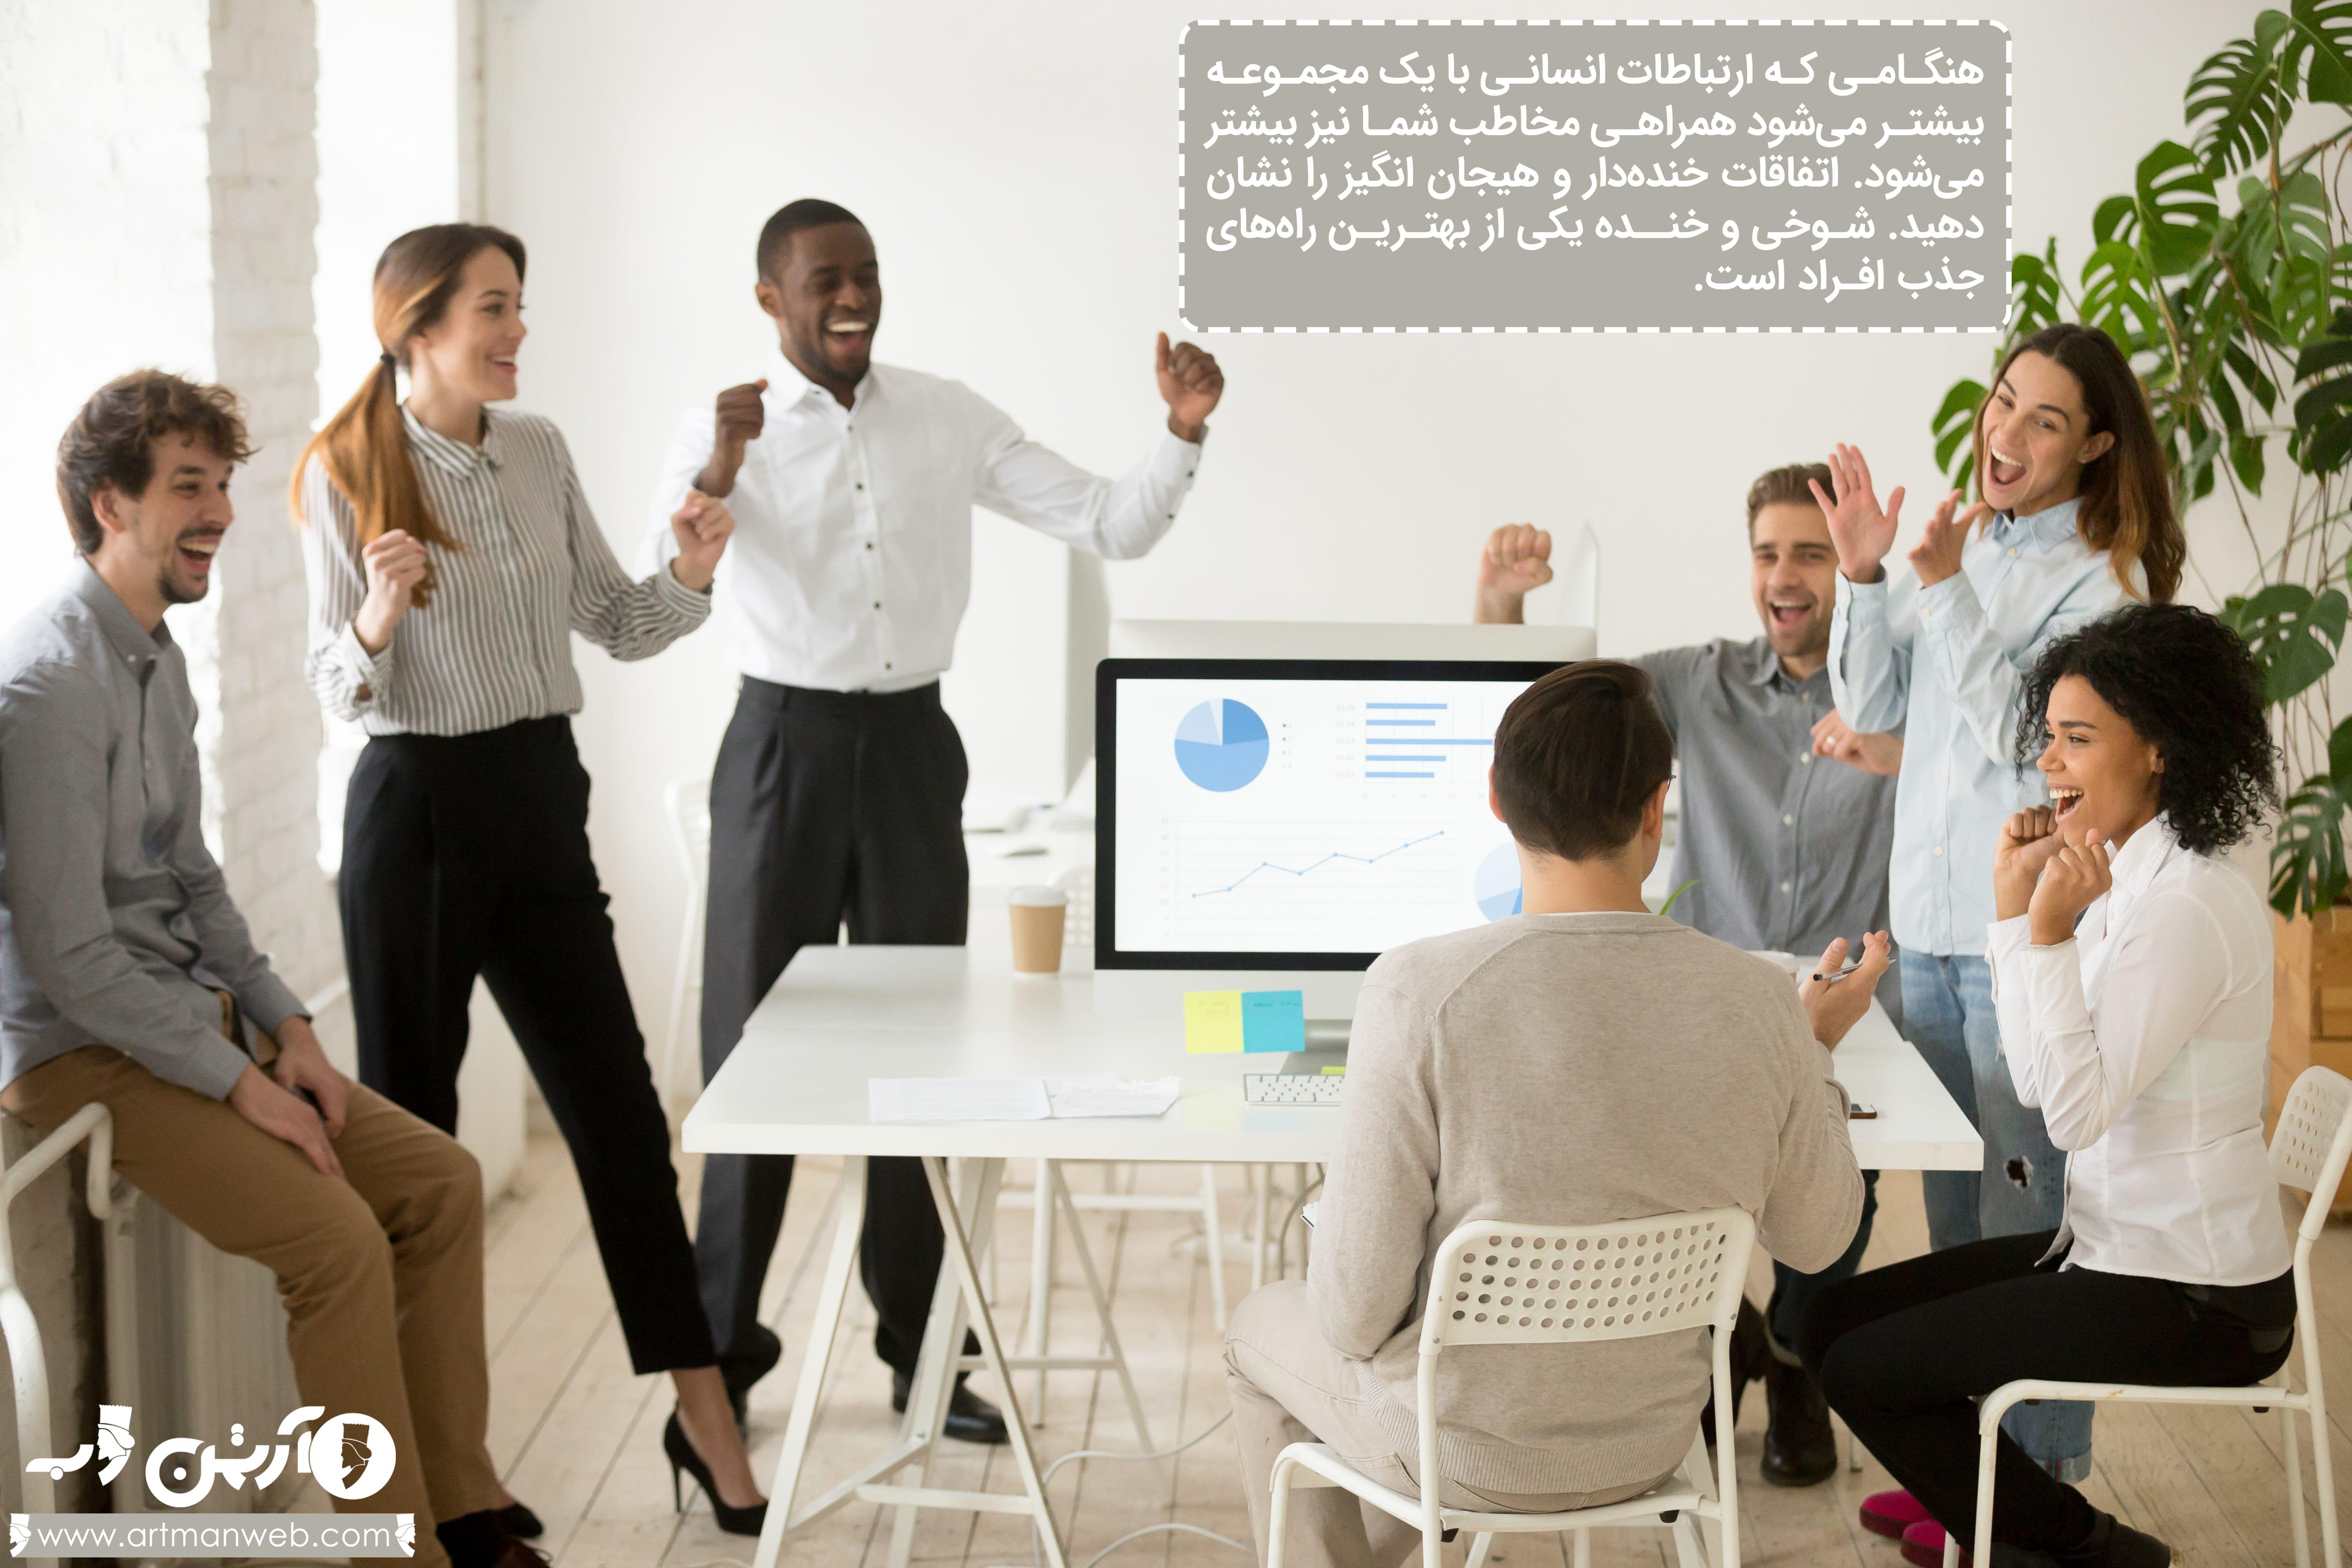 ۹ راهکار کاربردی برای تولید محتوای اثر گذار درشبکه های اجتماعی